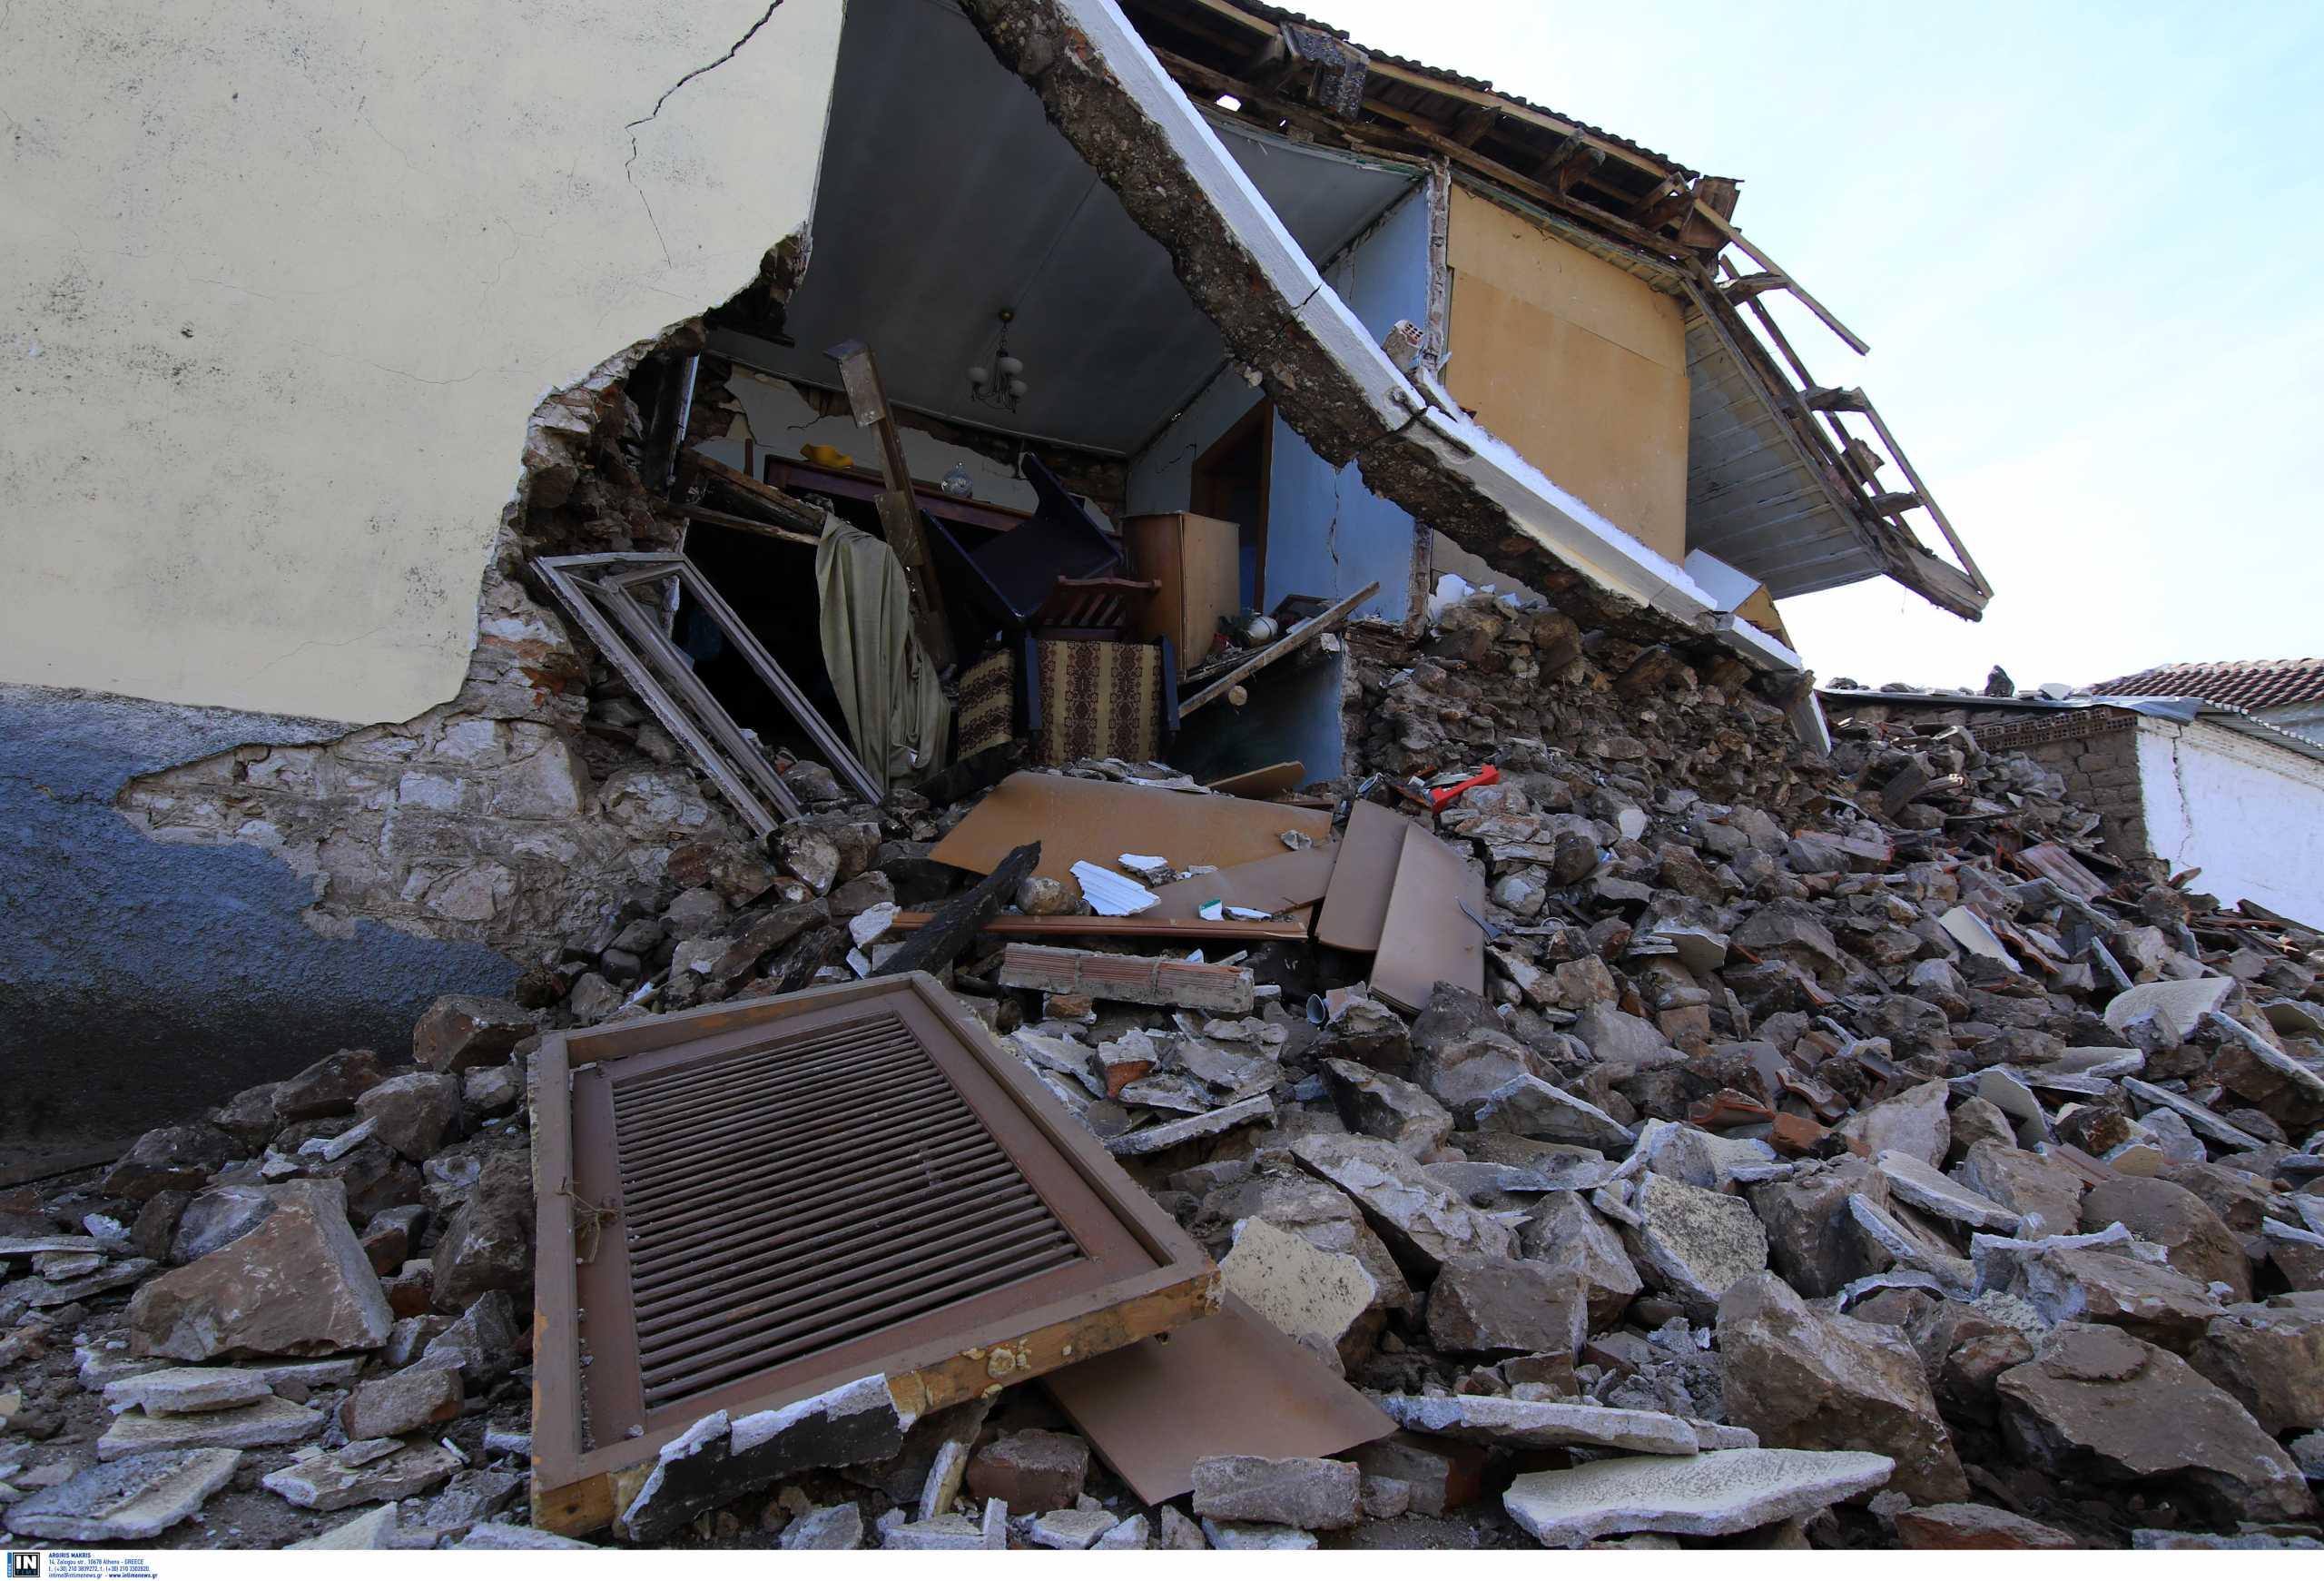 ΕΝΦΙΑ: Τρία χρόνια απαλλαγή για τα σεισμόπληκτα ακίνητα στο Βόρειο Αιγαίο και στη Θεσσαλία